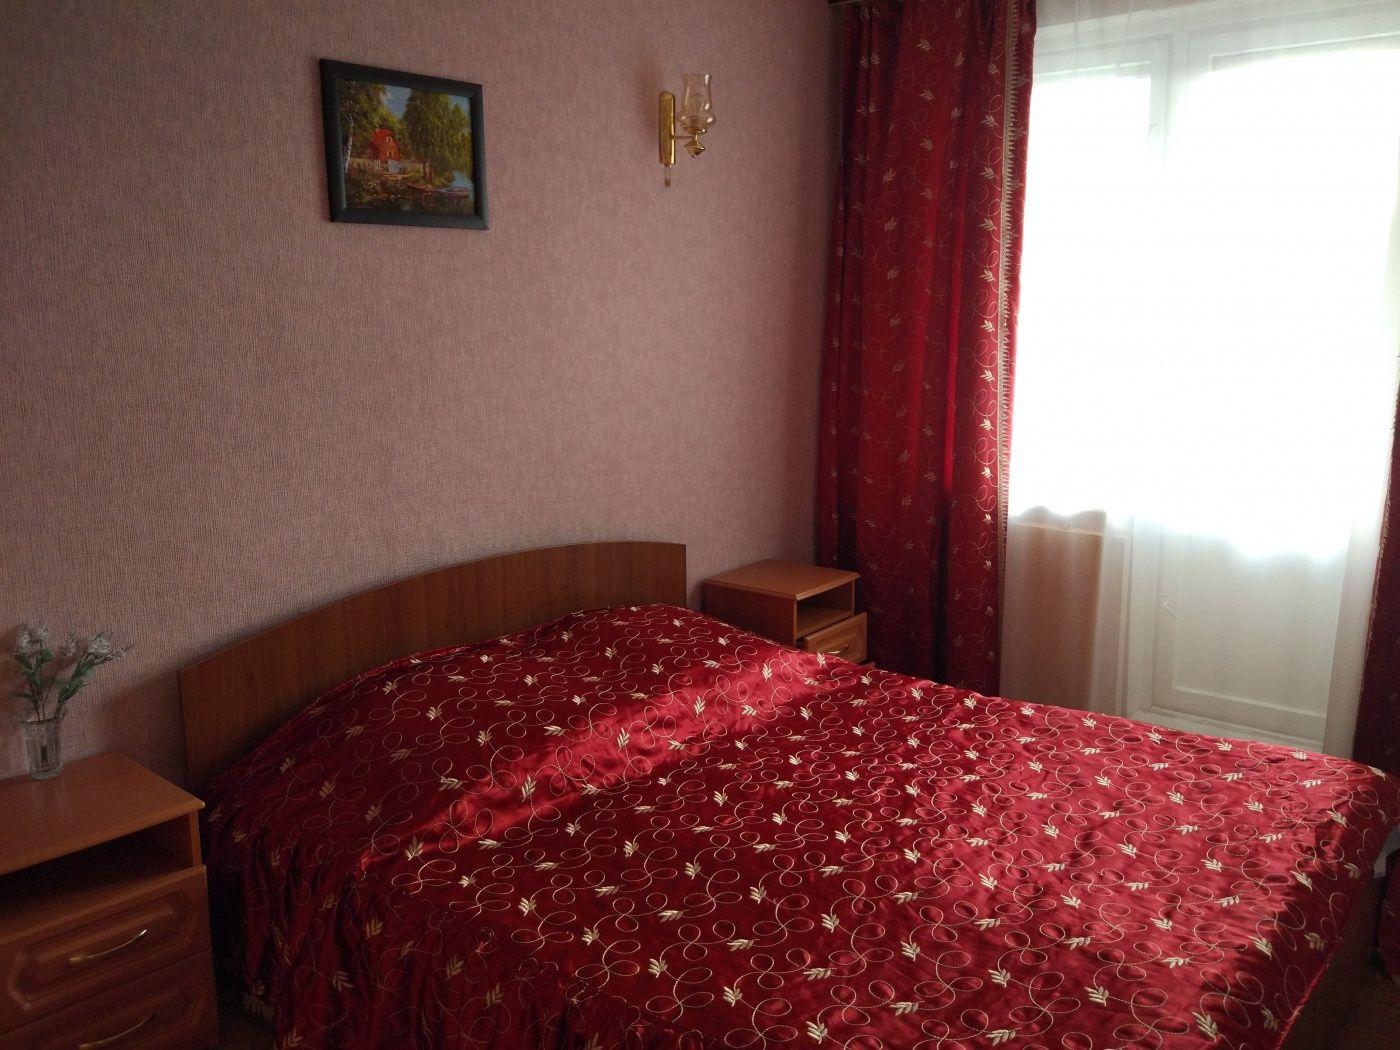 Турбаза «Домостроитель» Саратовская область 2-комнатный номер «люкс» с удобствами (корпус № 1), фото 1